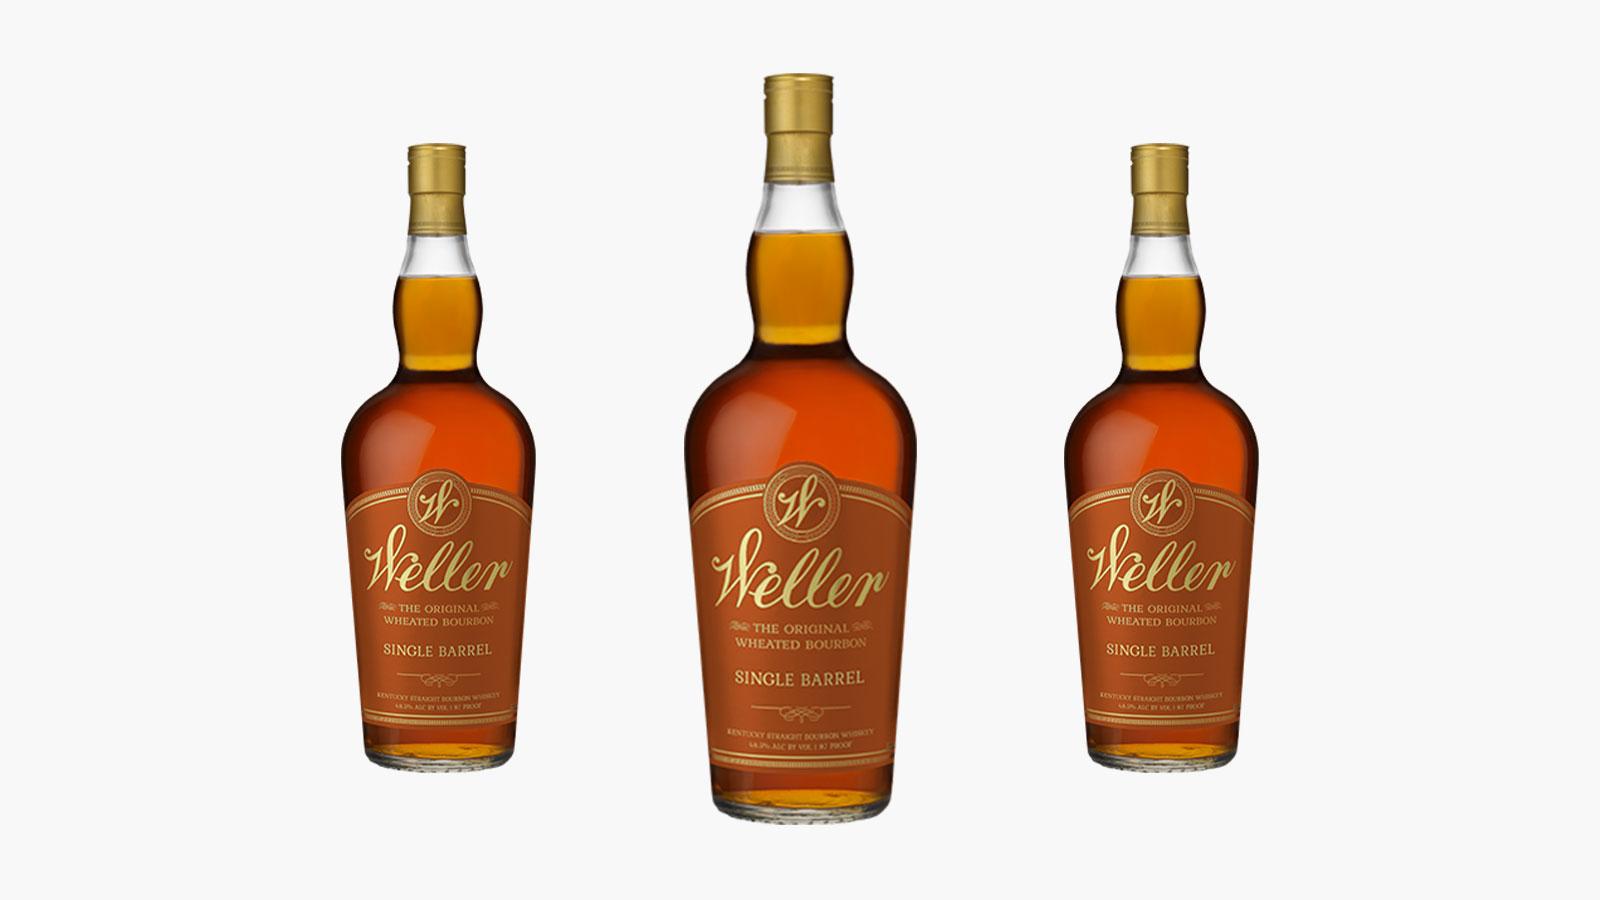 Buffalo Trace W.L. Weller Single Barrel Bourbon